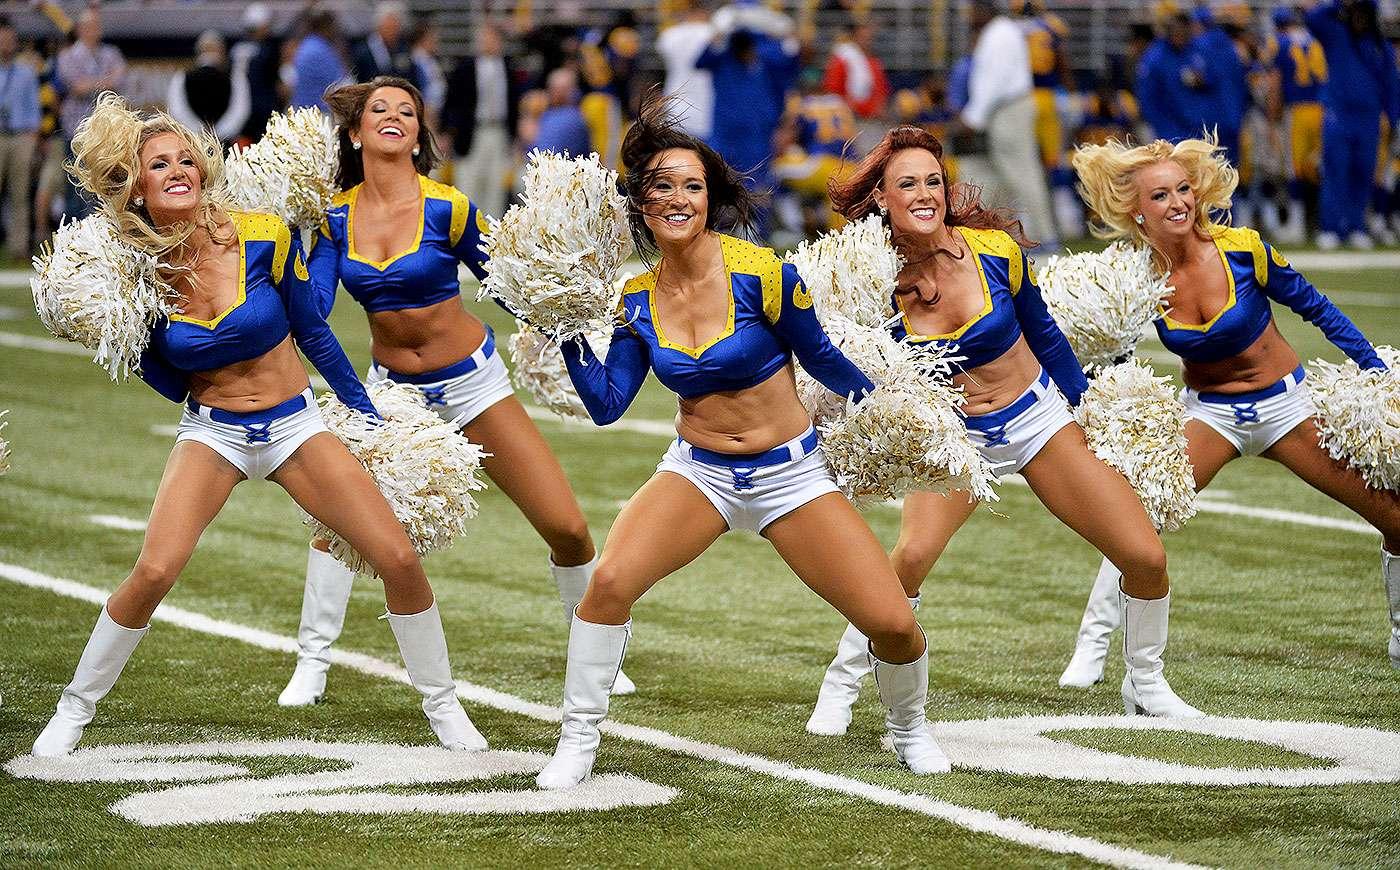 Las bellas porristas animaron a los fanáticos en la semana 7 de la NFL 2014. Foto: Getty Images